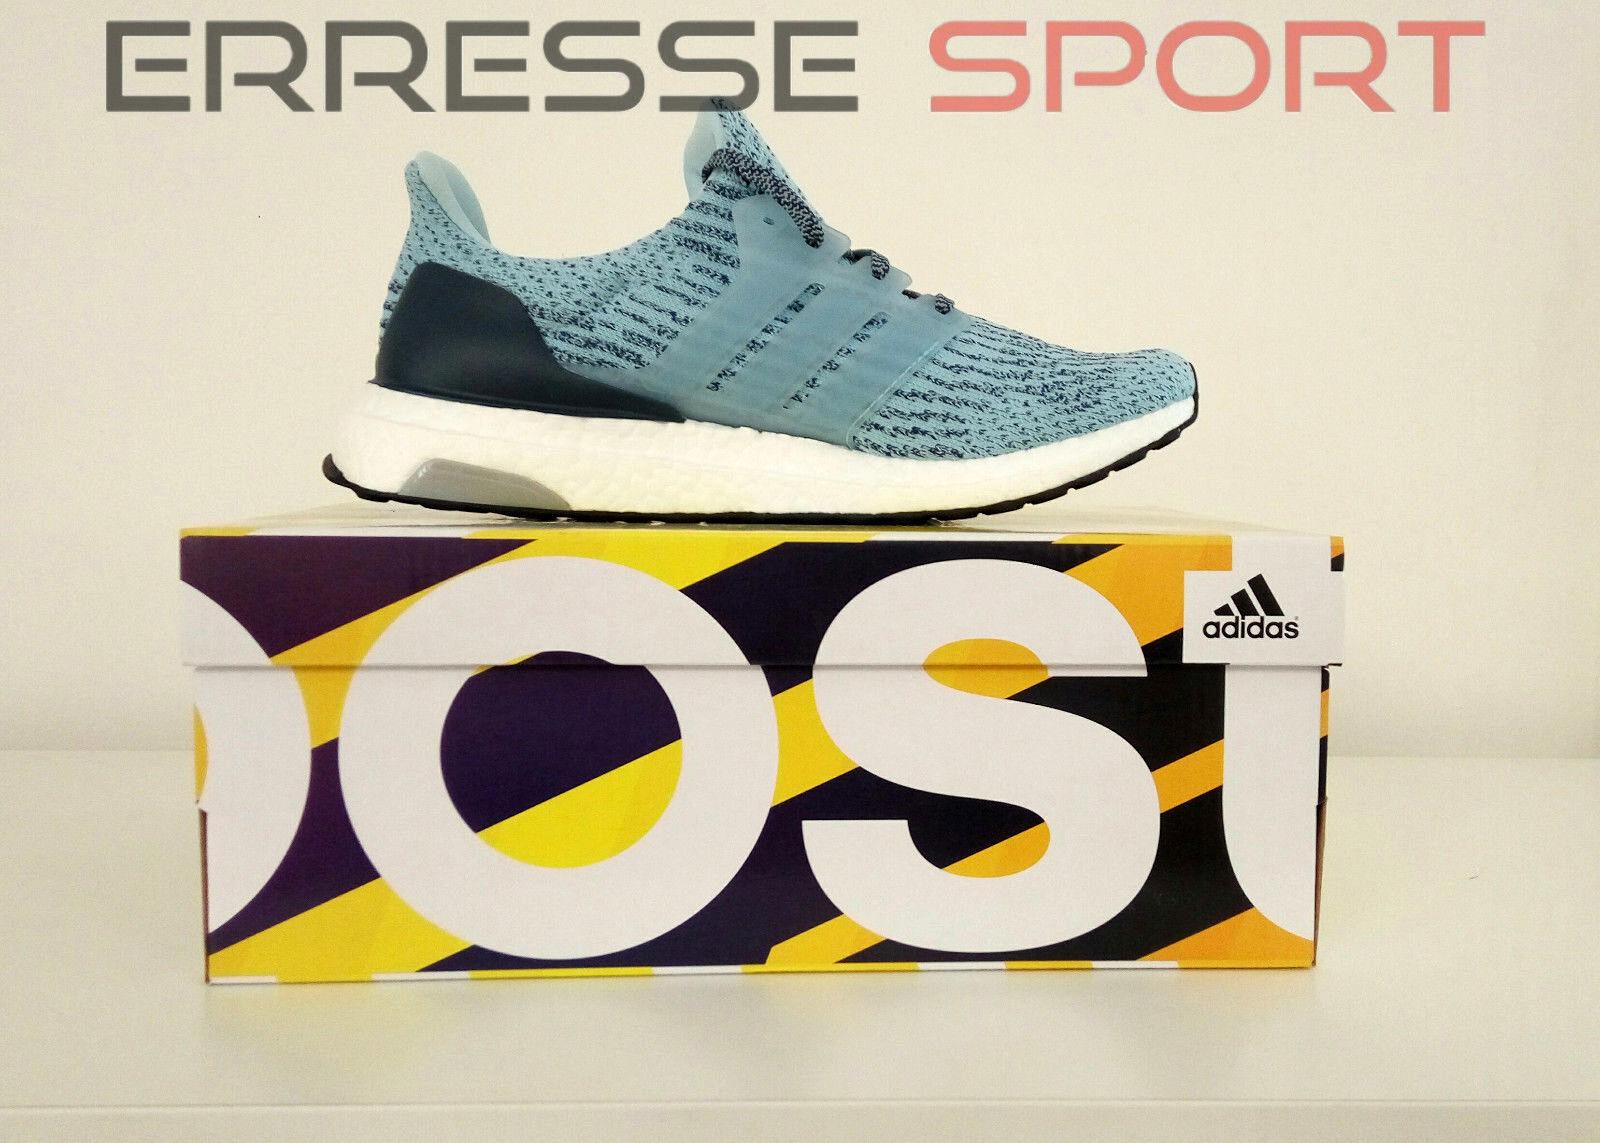 Adidas femme Ultra boost femme Adidas chaussures de course Running baskets azzurre 41df22